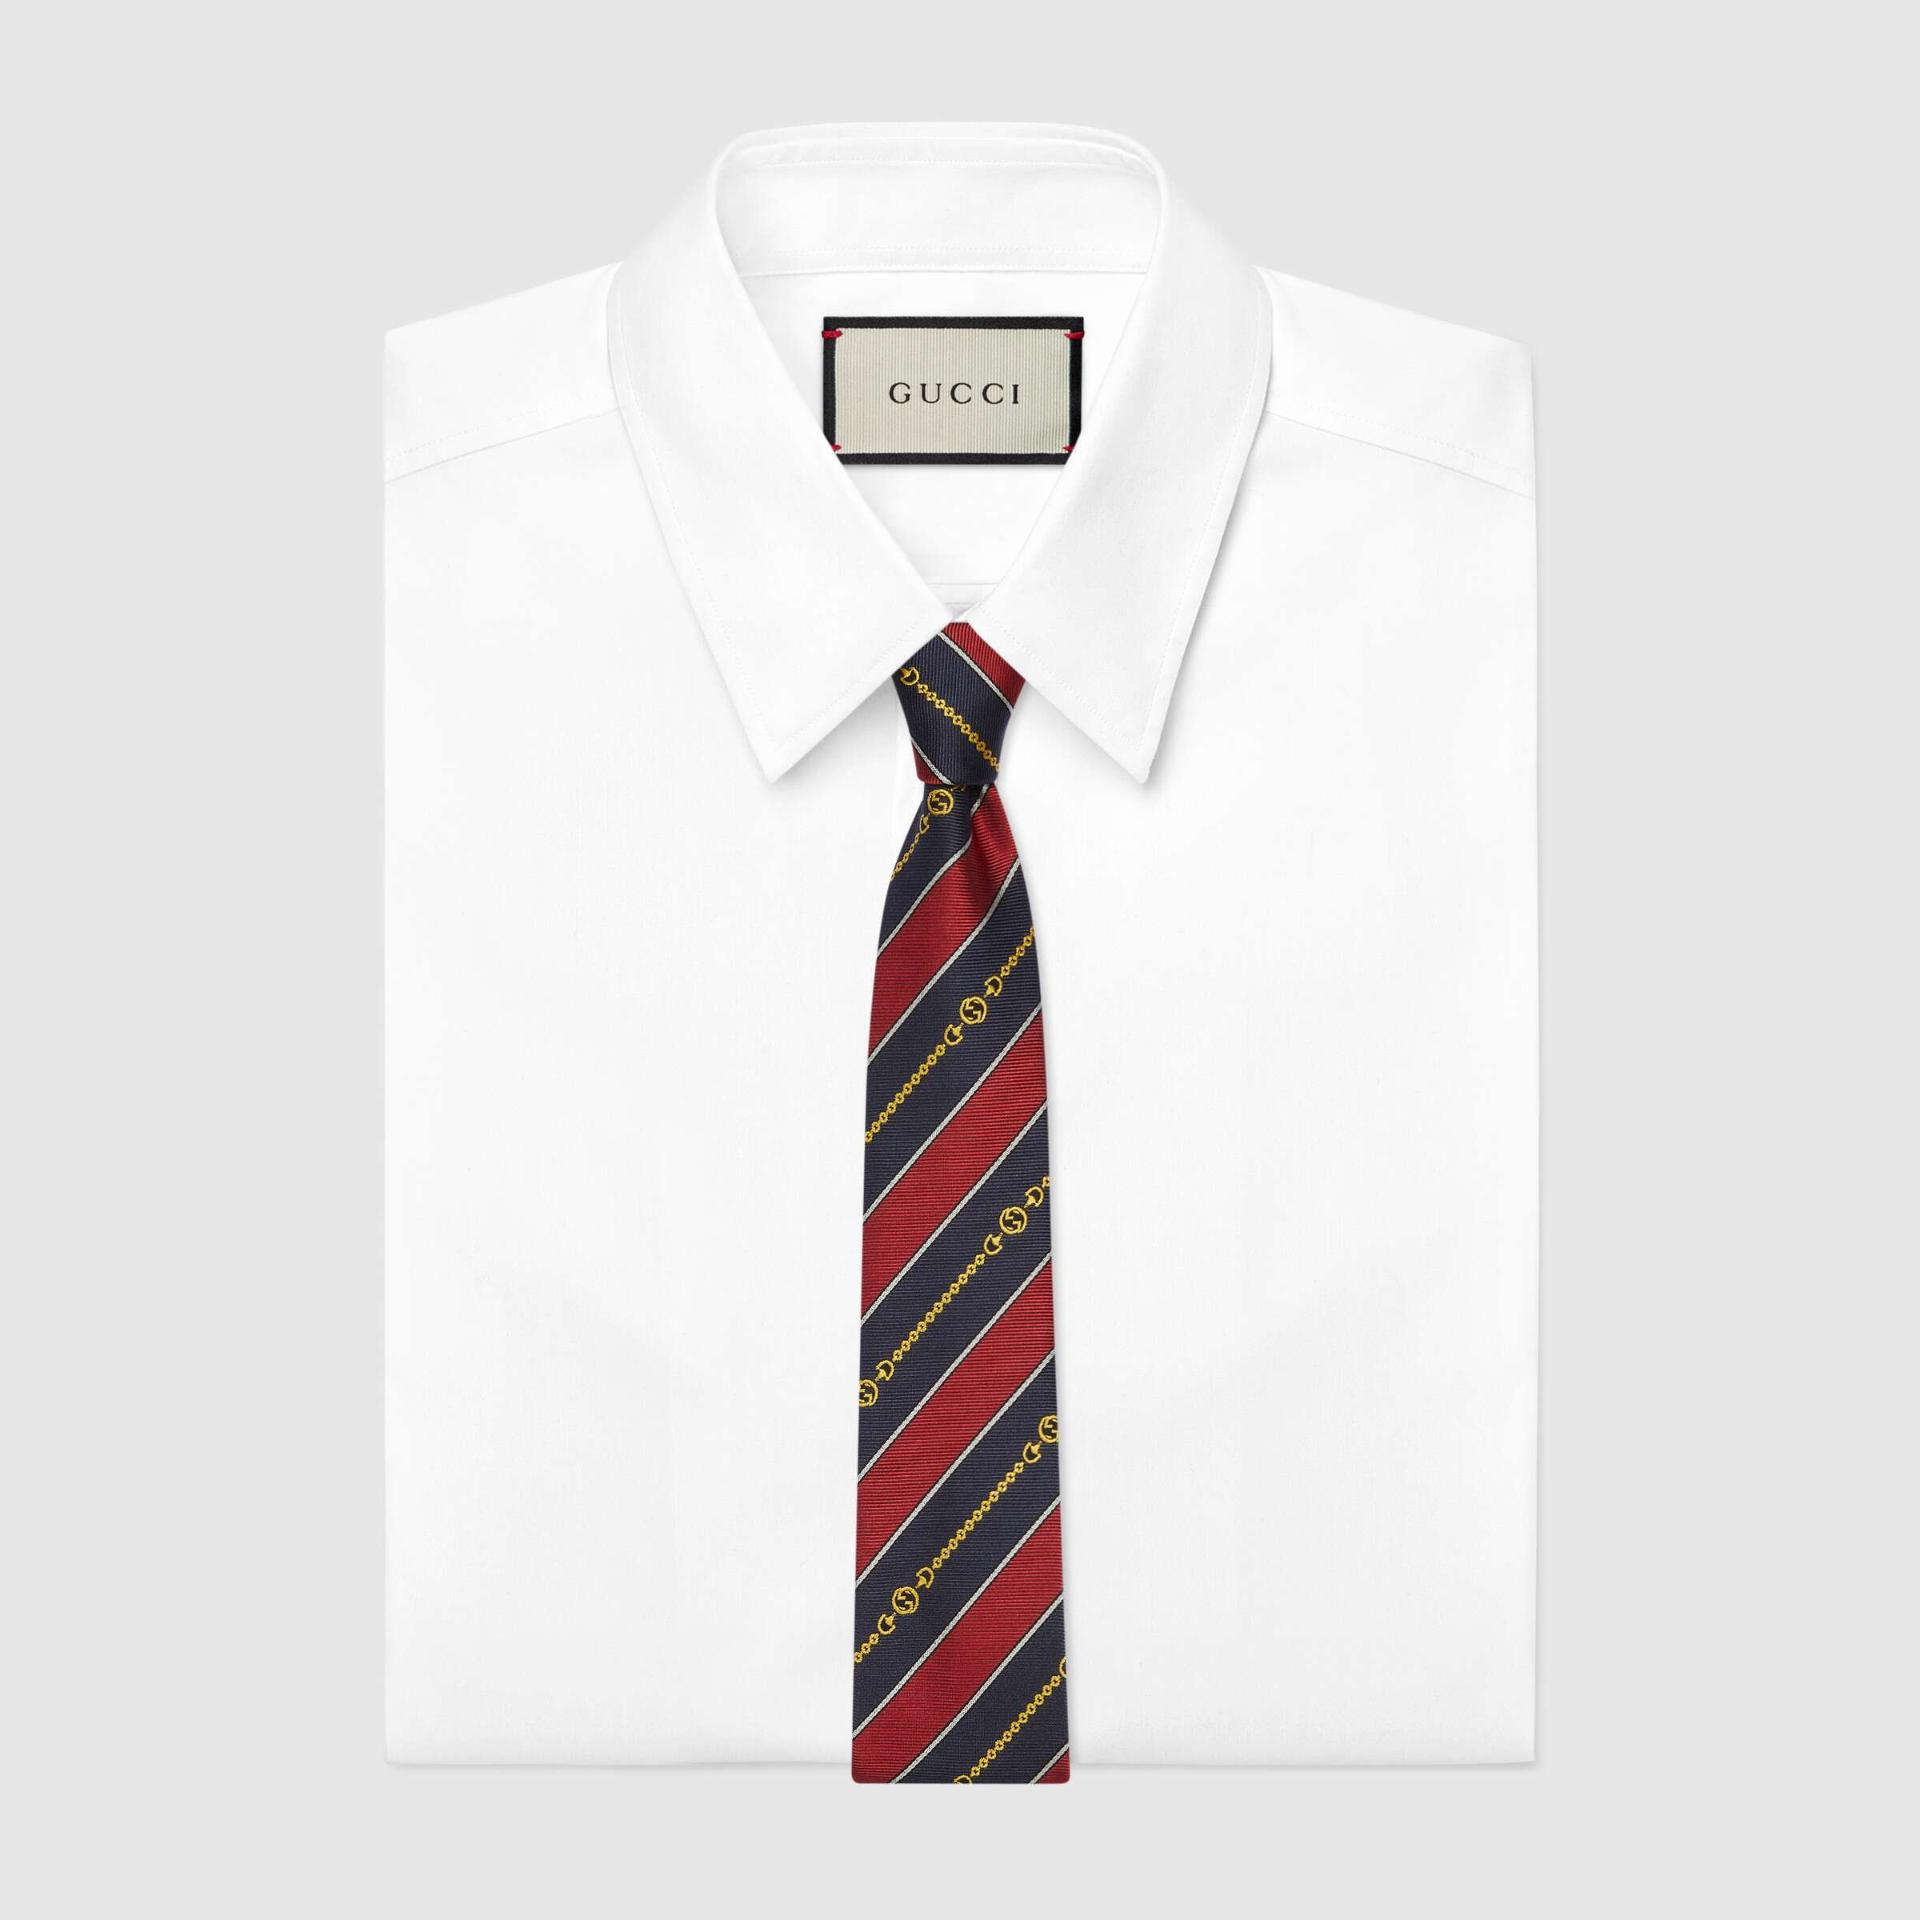 유럽직배송 구찌 GUCCI Gucci Interlocking G chain jacquard silk tie 6439294E0026368